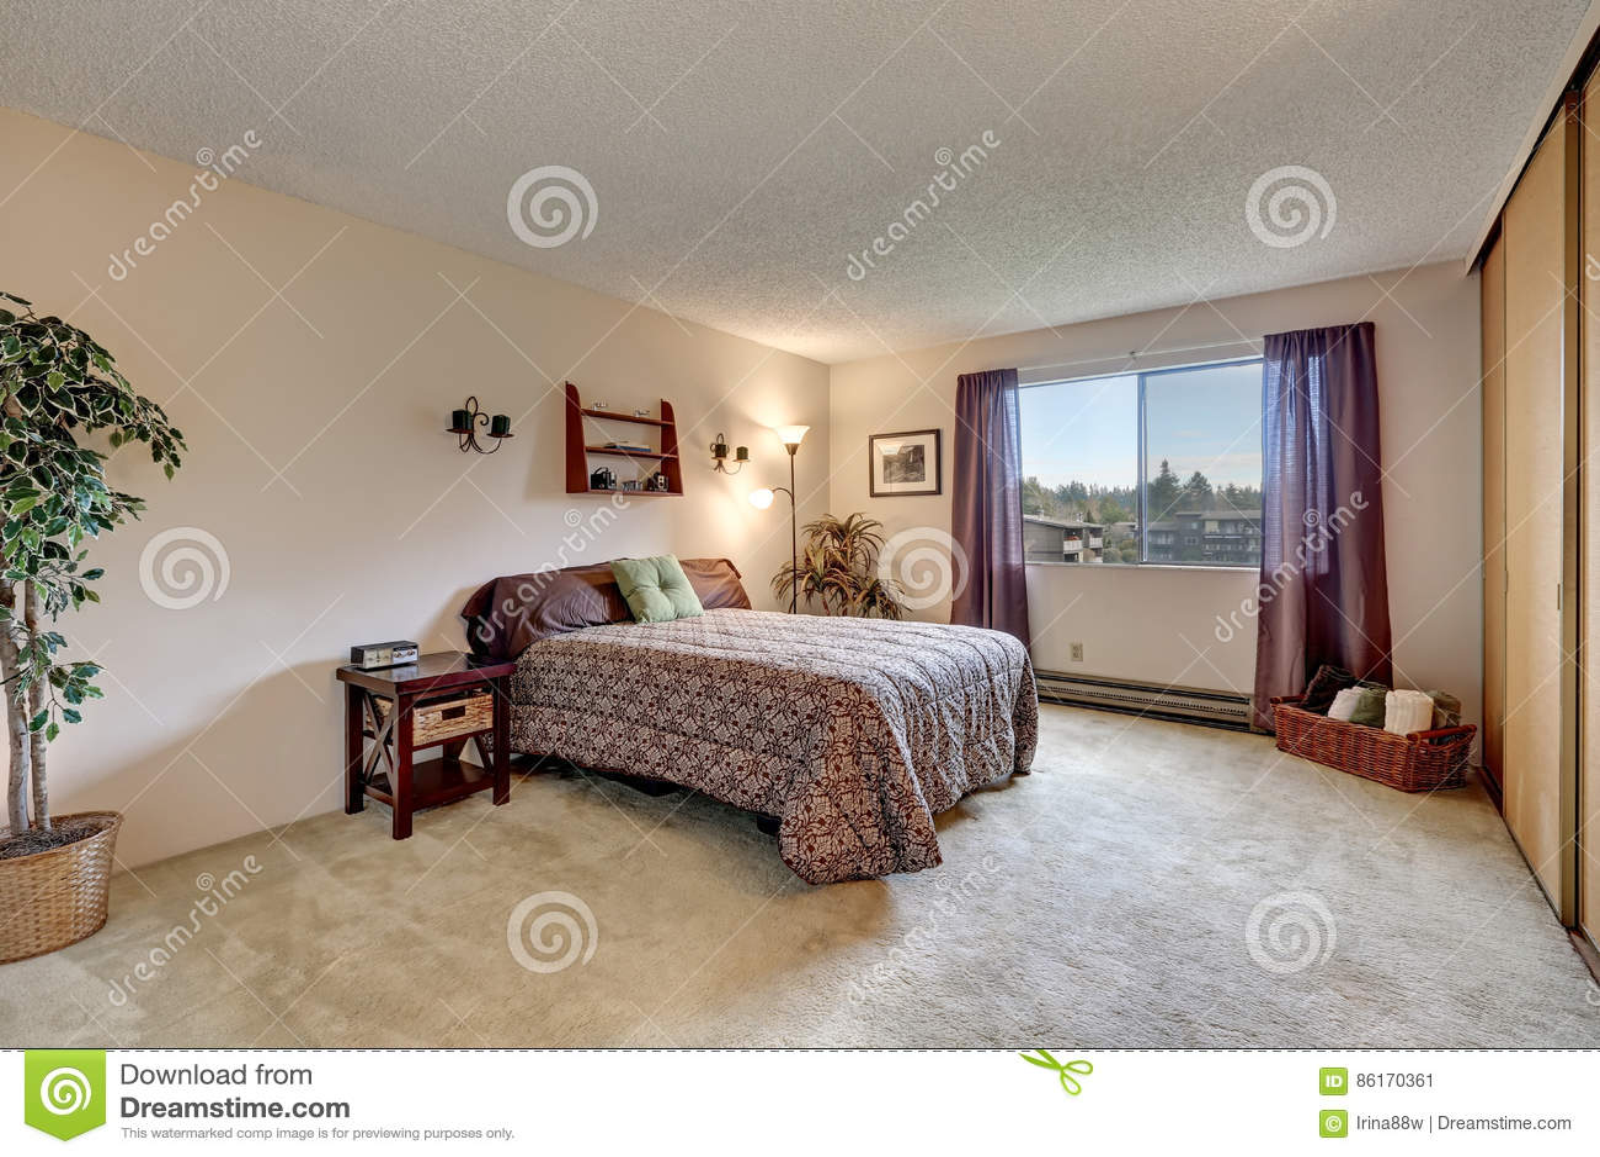 Traditionele slaapkamer met de warme beige kleur van de murenverf